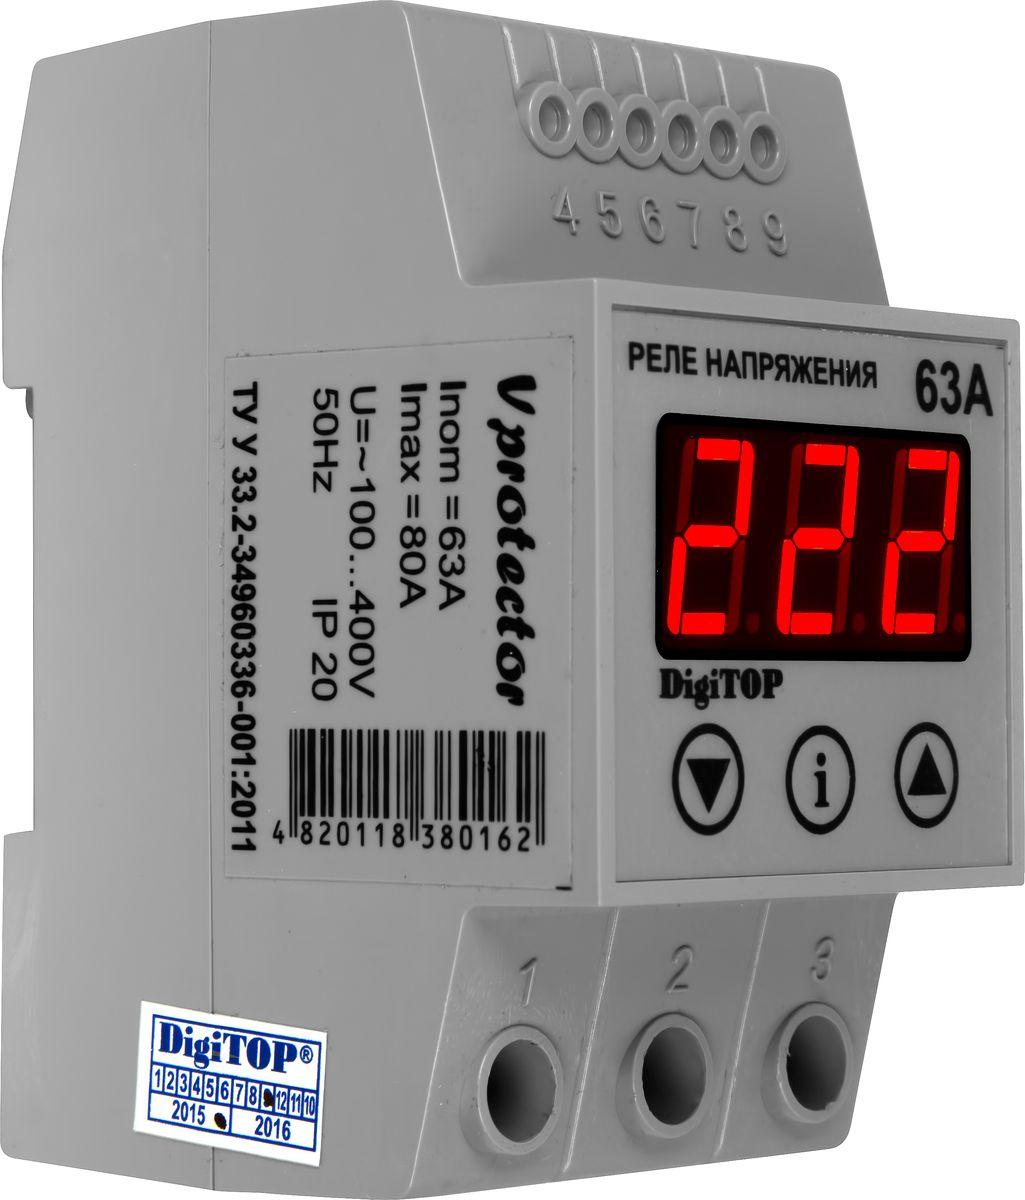 Реле напряжения DigiTOP Vp-63A00000000033Устройство защиты постоянно анализирует напряжение в сети и в случае выхода напряжения за установленные пределы происходит аварийное отключение потребителей. Для этого пользователь устанавливает необходимые верхний и нижний пределы напряжения и время, через которое РЕЛЕ НАПРЯЖЕНИЯ подключит нагрузку, после нормализации напряжения. Задержка на включение необходима для холодильников, кондиционеров, для которых неприемлемы кратковременные отключения питания. Основные особенности: - Полностью цифровое управление. - Табло индикации действующего значения напряжения. - Автоматическое включение нагрузки после нормализации напряжения. - Программируемая задержка на включение. - Программируемые значения верхнего и нижнего предела отключения напряжения. - Сброс значений на заводские установки. - Модульное исполнение для крепления на монтажный профиль TS-35 (DIN-рейку 35мм).